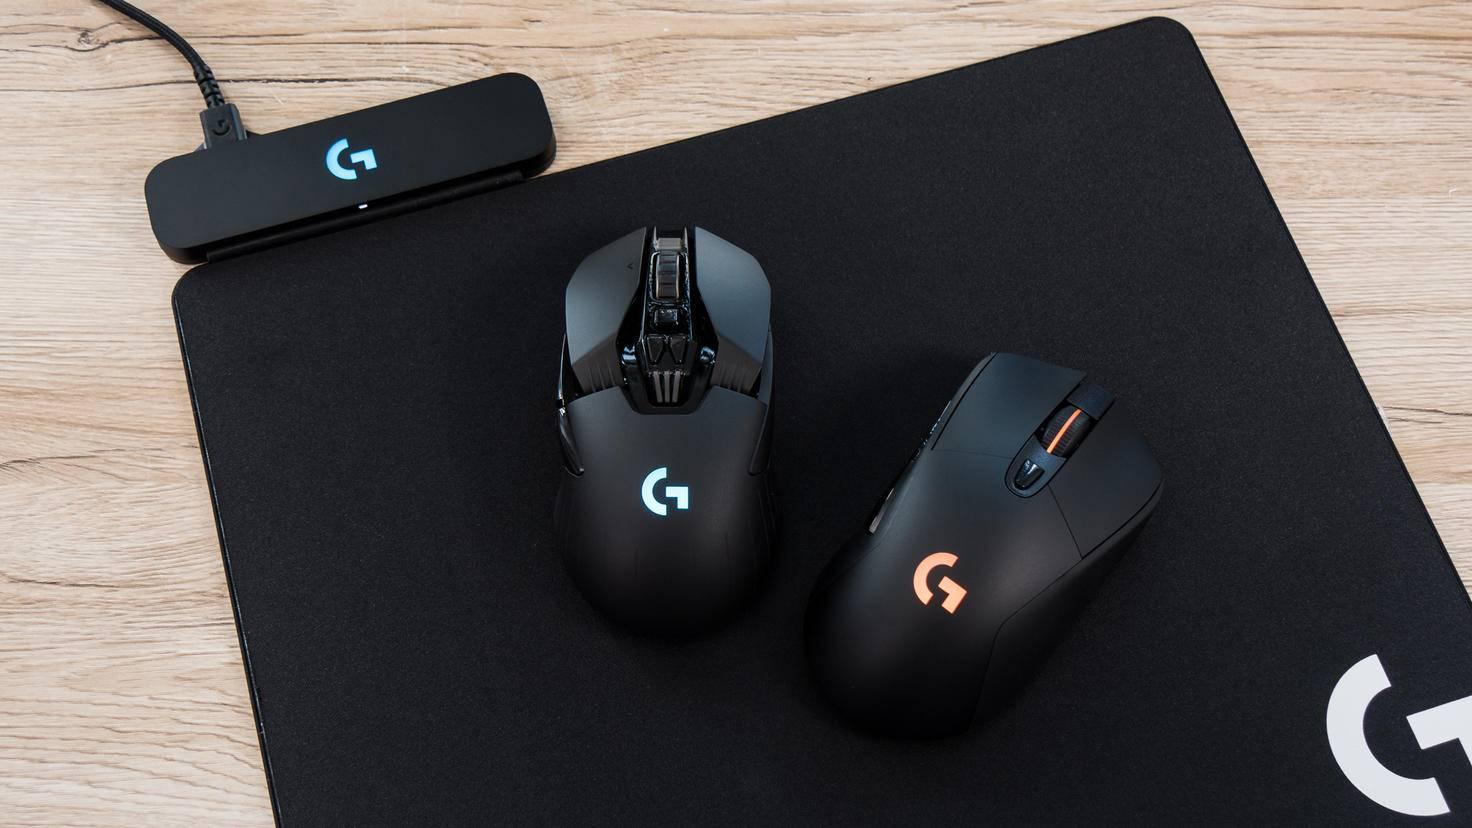 Logitech-Powerplay-G703-G903-10